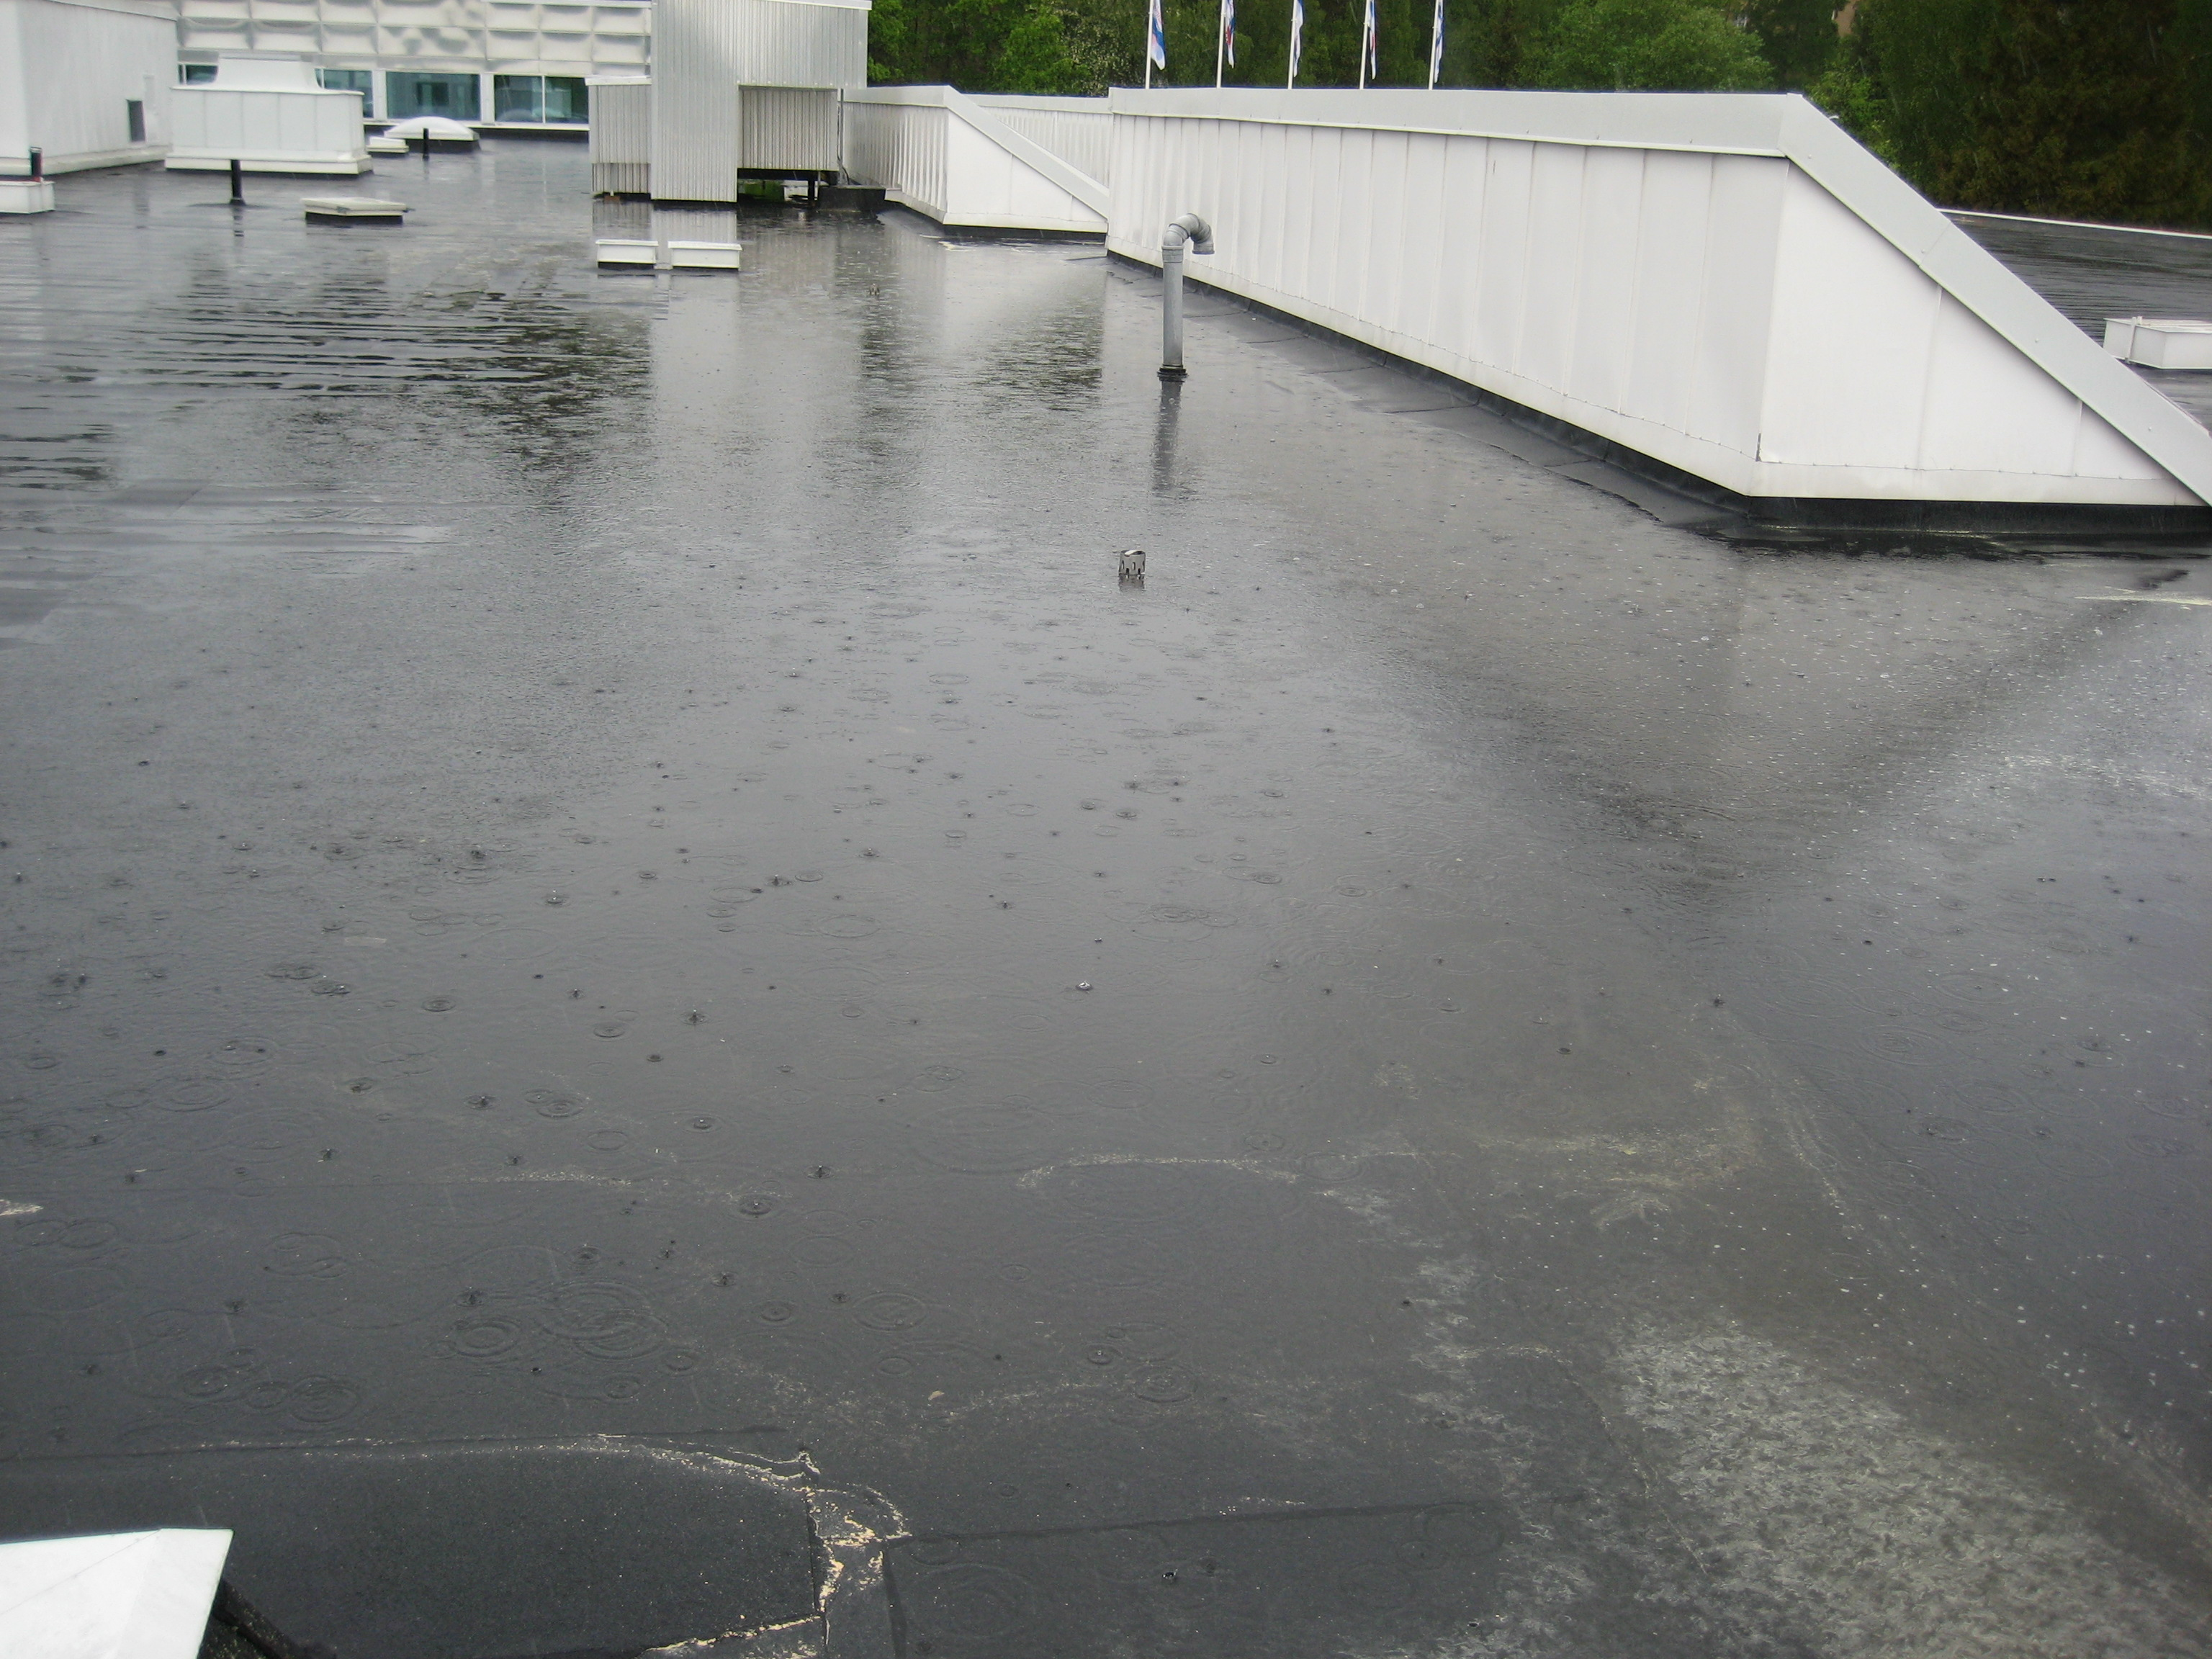 Bild 12:13. Igensatta brunnar ger stora påkänningar på takmaterialet. Foto: Torbjörn Osterling.